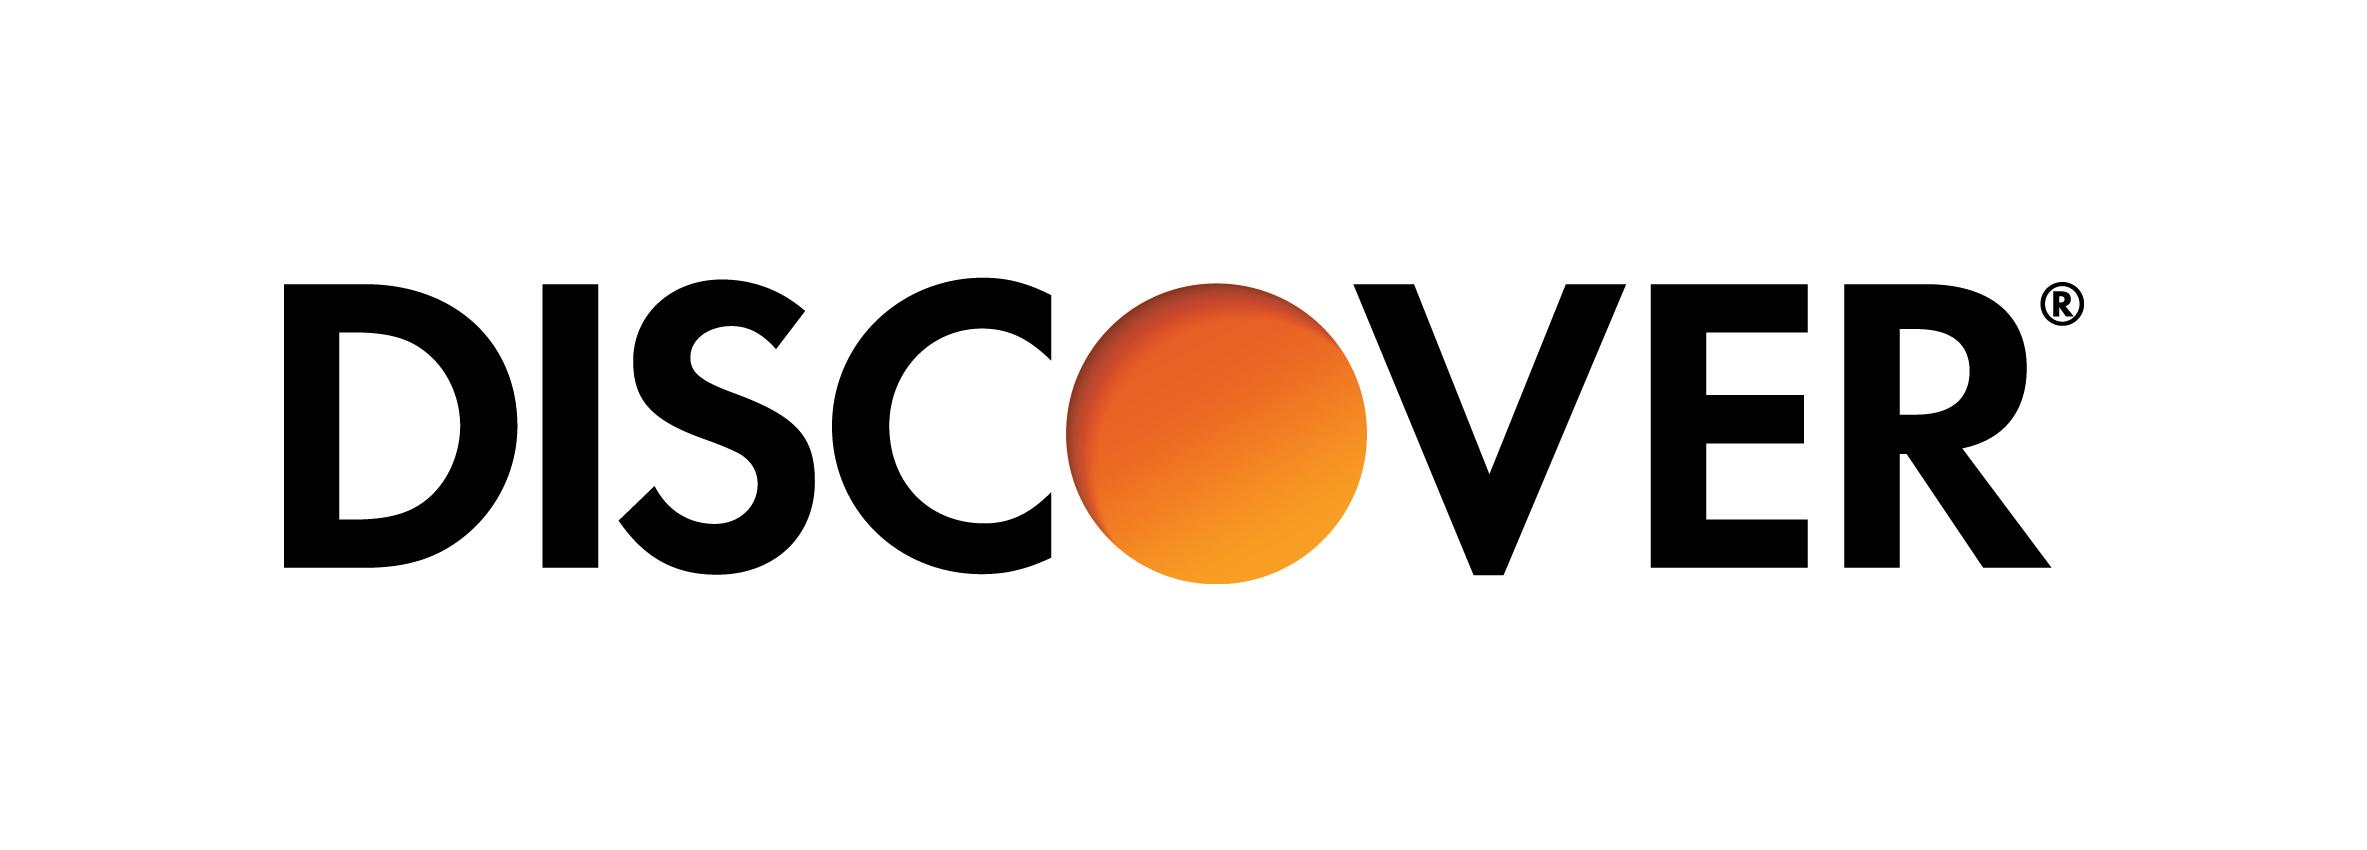 Discover (AZ) logo